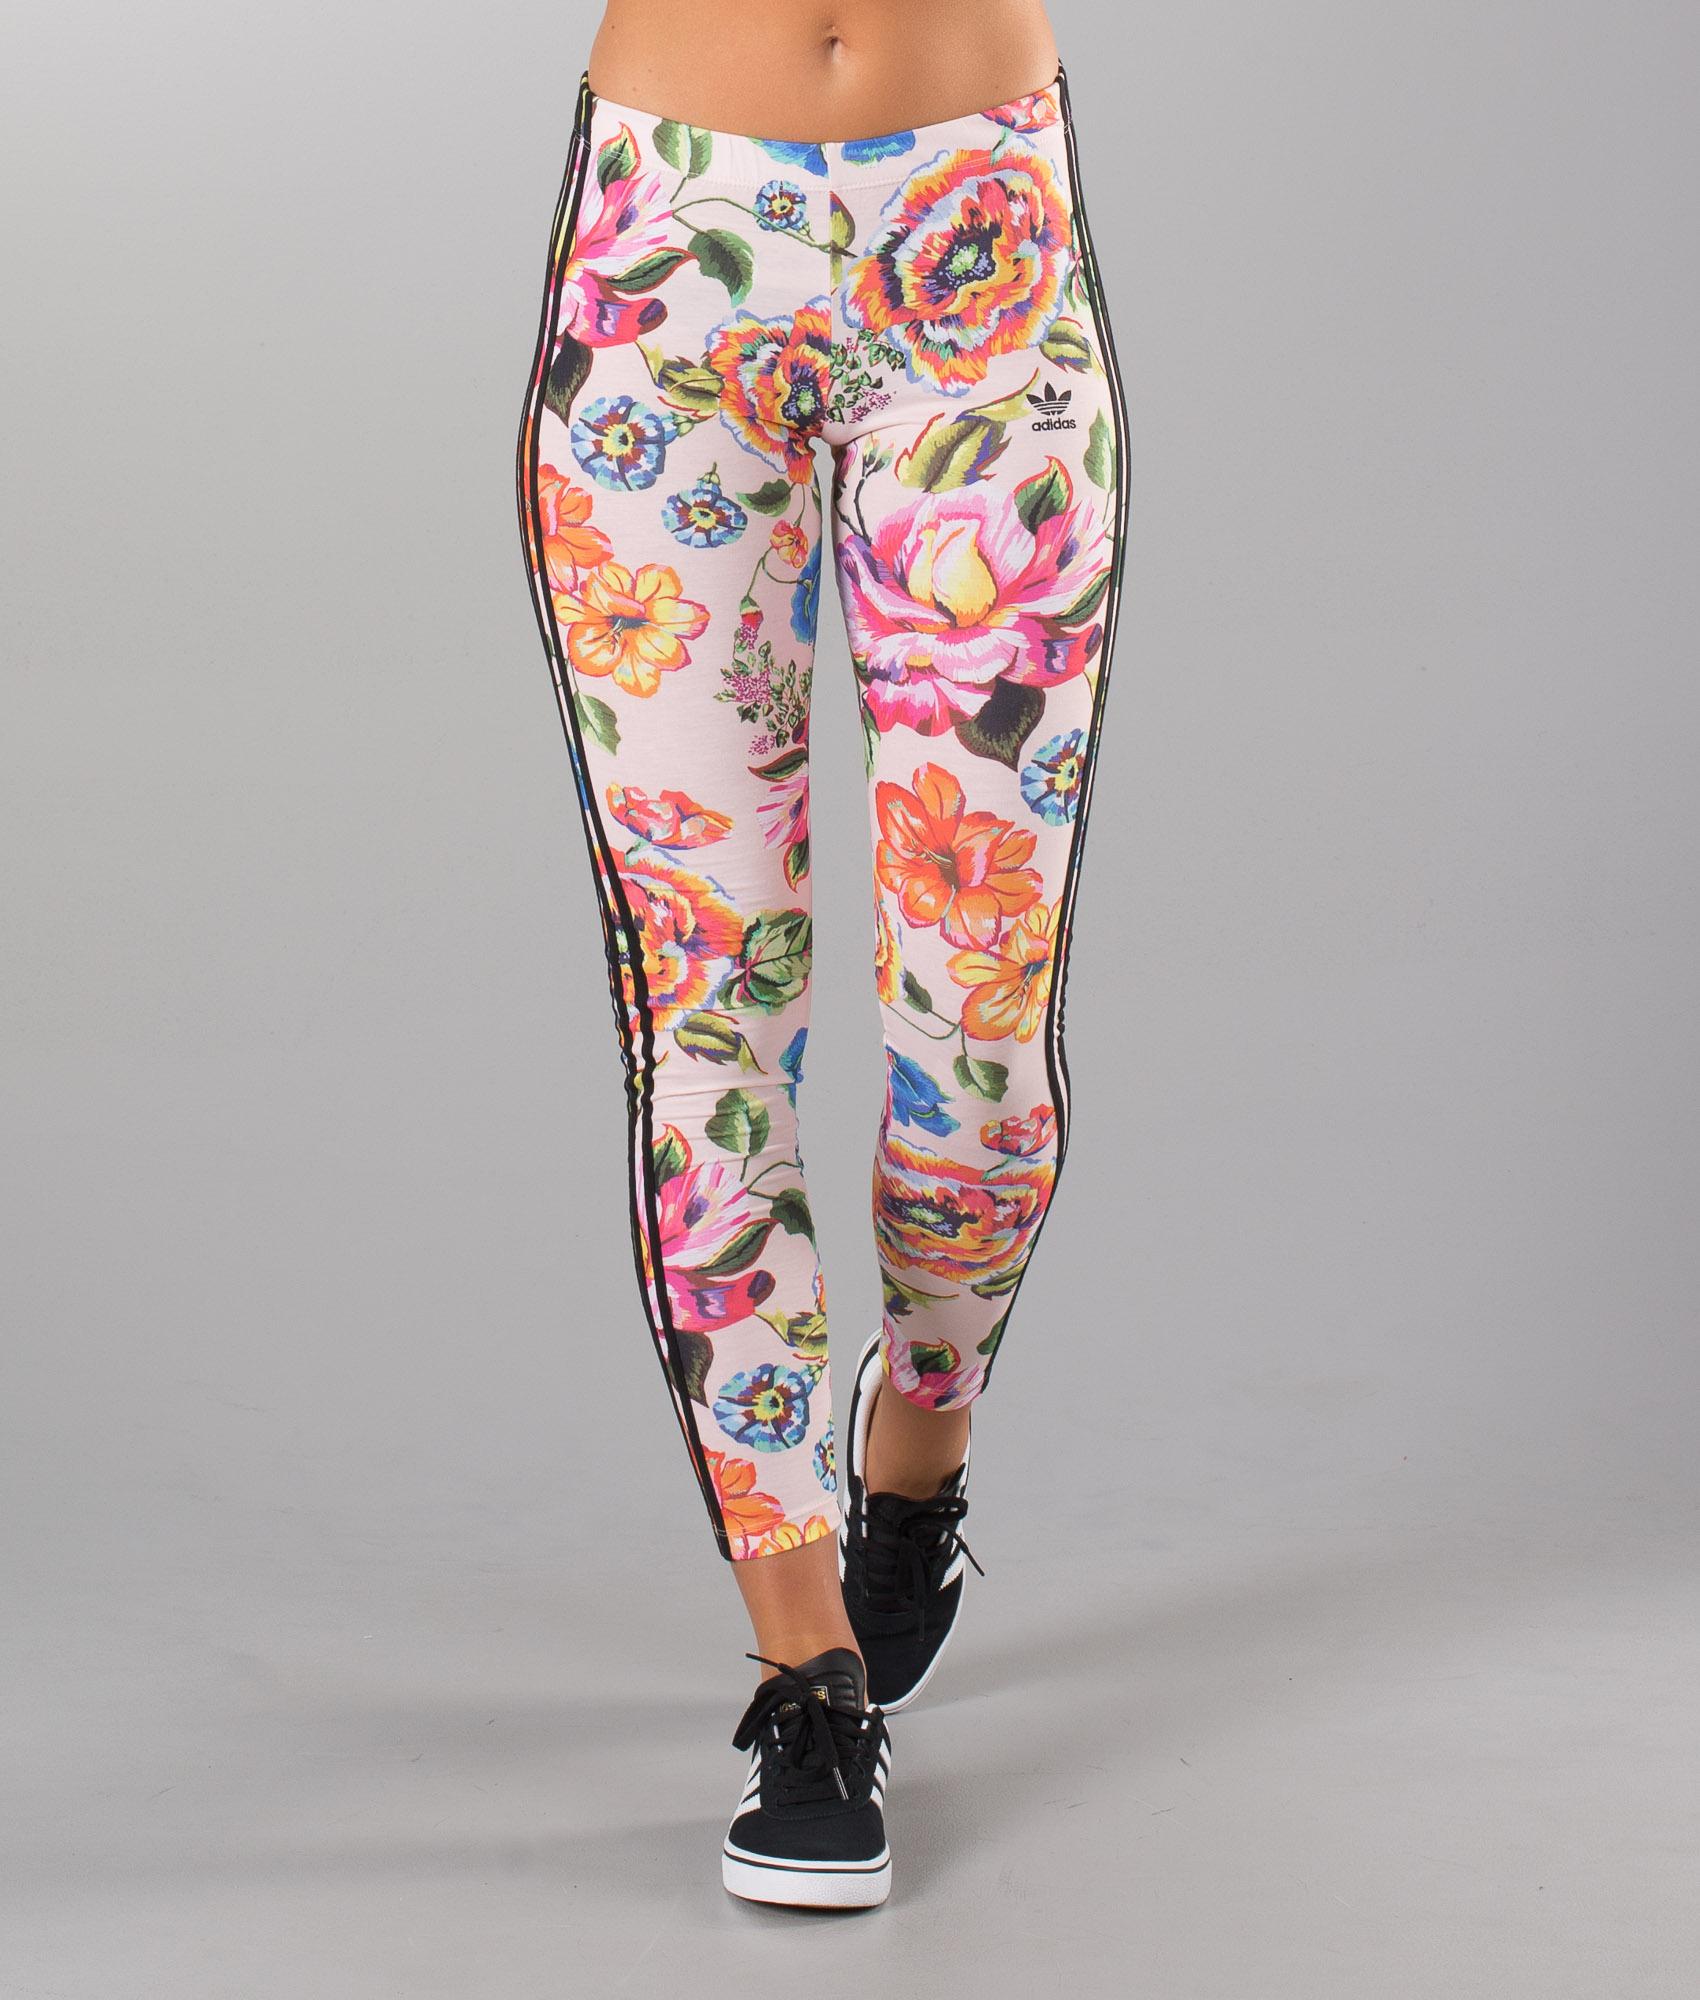 Adidas Originals Floralita Tight Leggings Multco